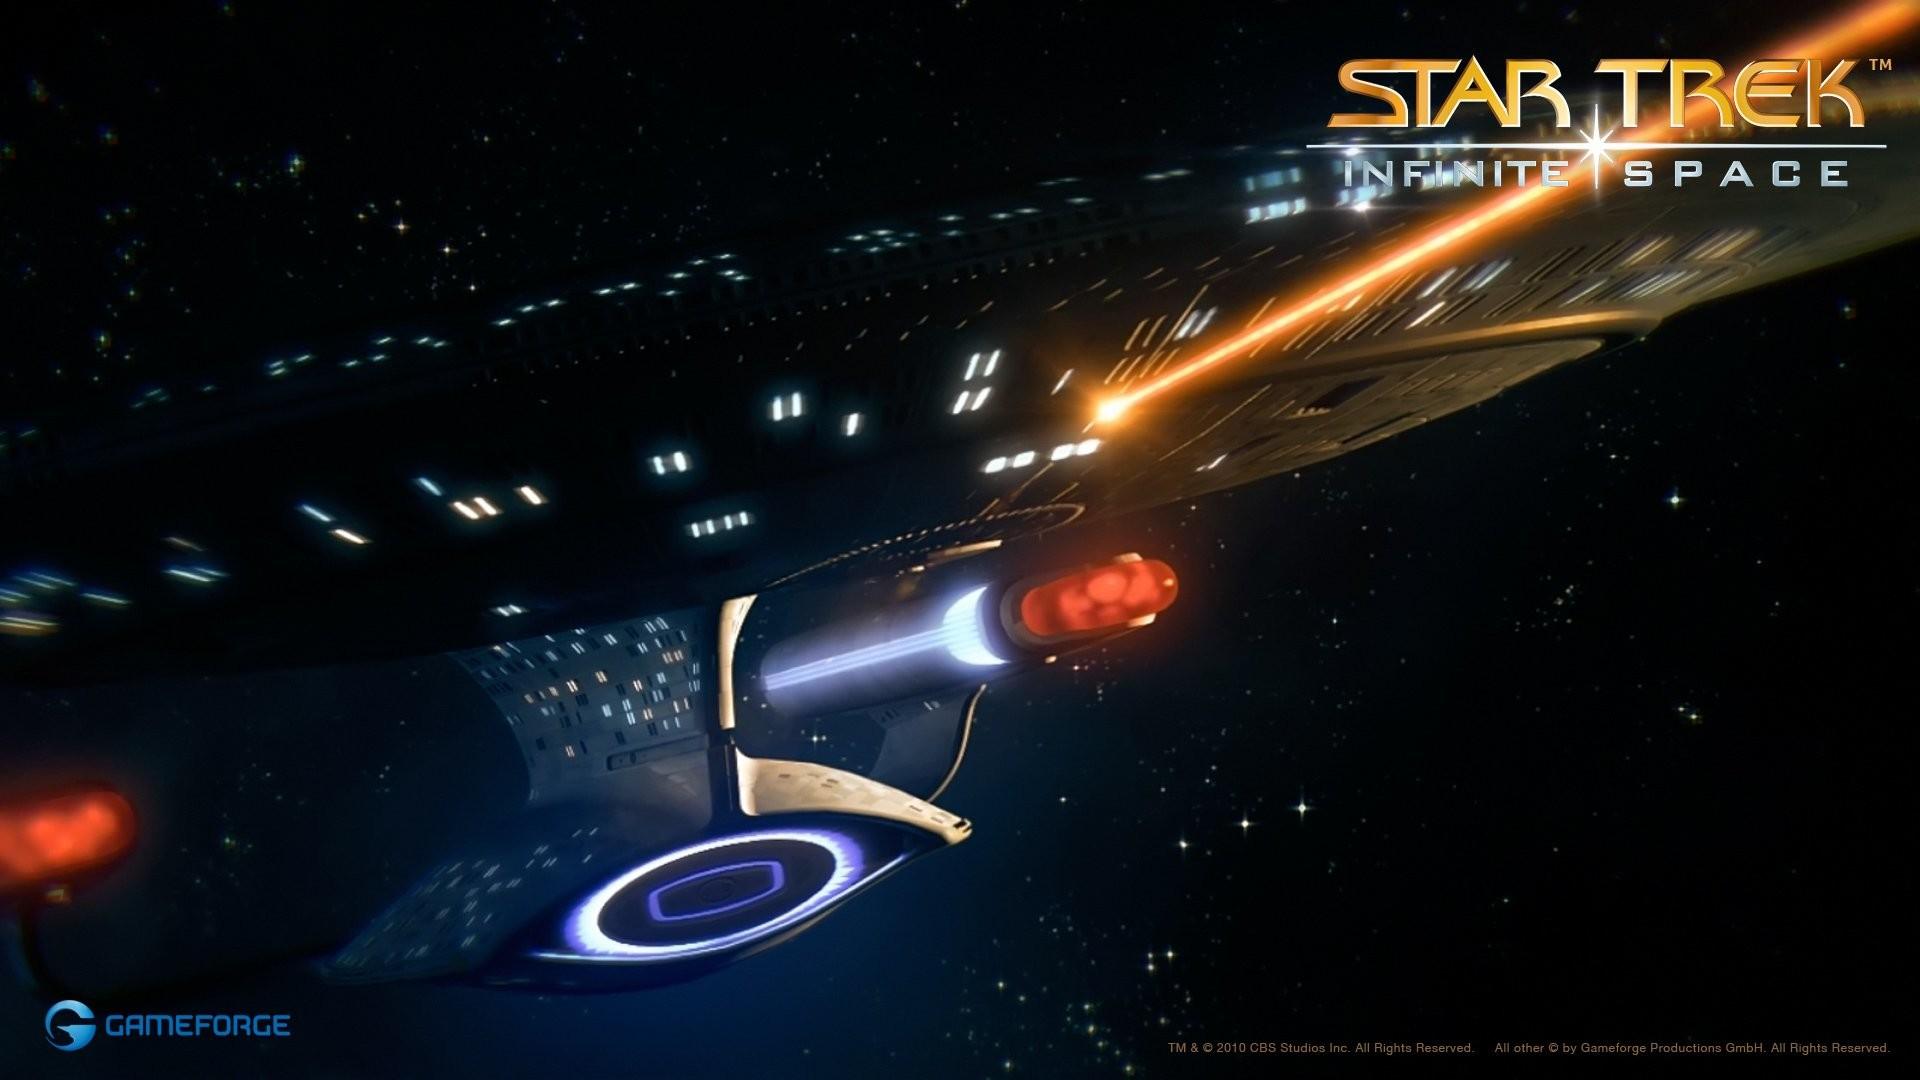 Star Trek: Infinite Space desktop PC and Mac wallpaper